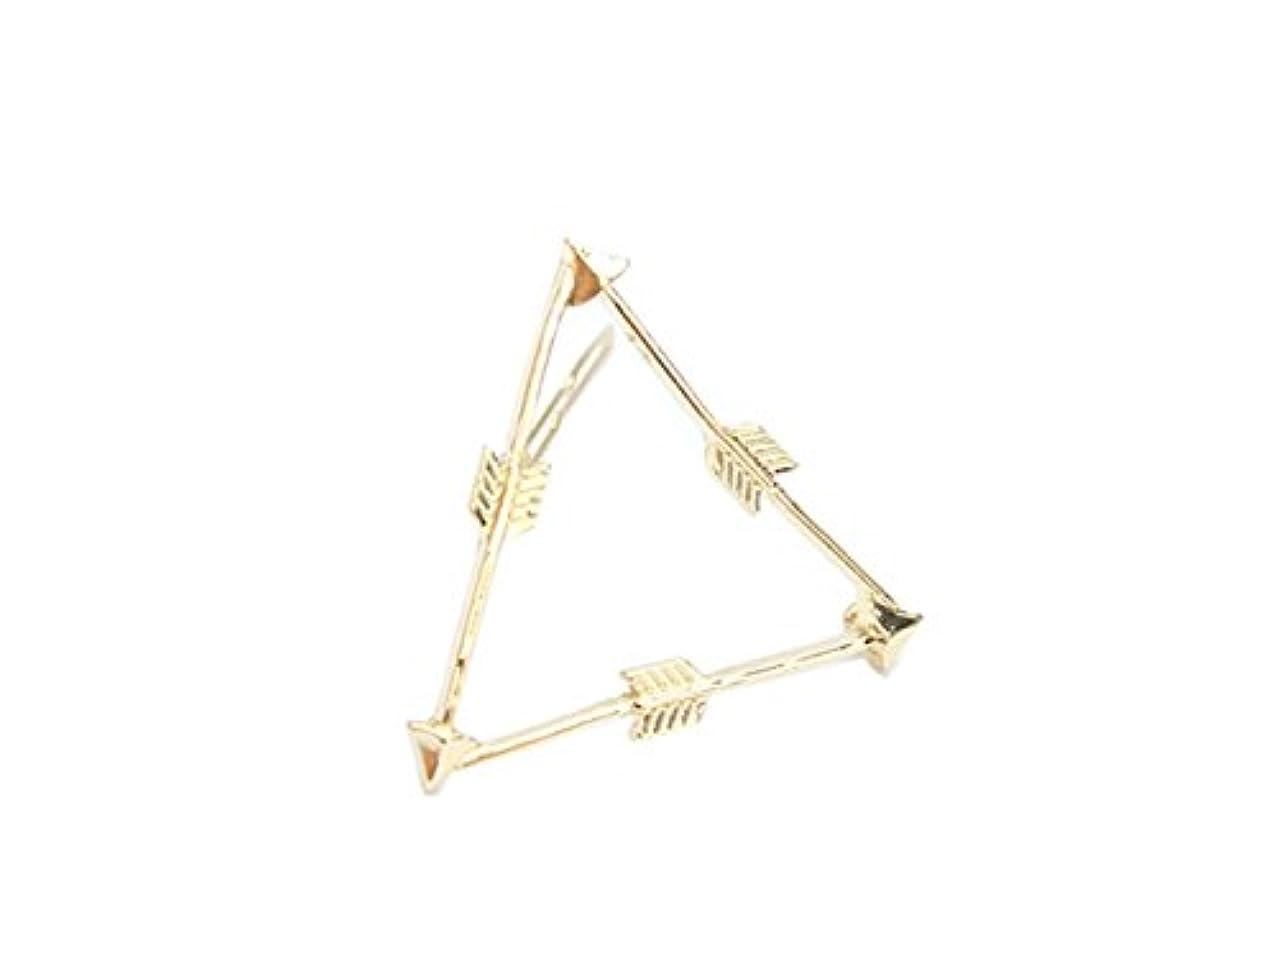 ナビゲーション工業化するプラットフォームOsize 美しいスタイル 弓と矢トライアングルヘアクリップサイドクリップヘアピンヘアアクセサリー(図示)